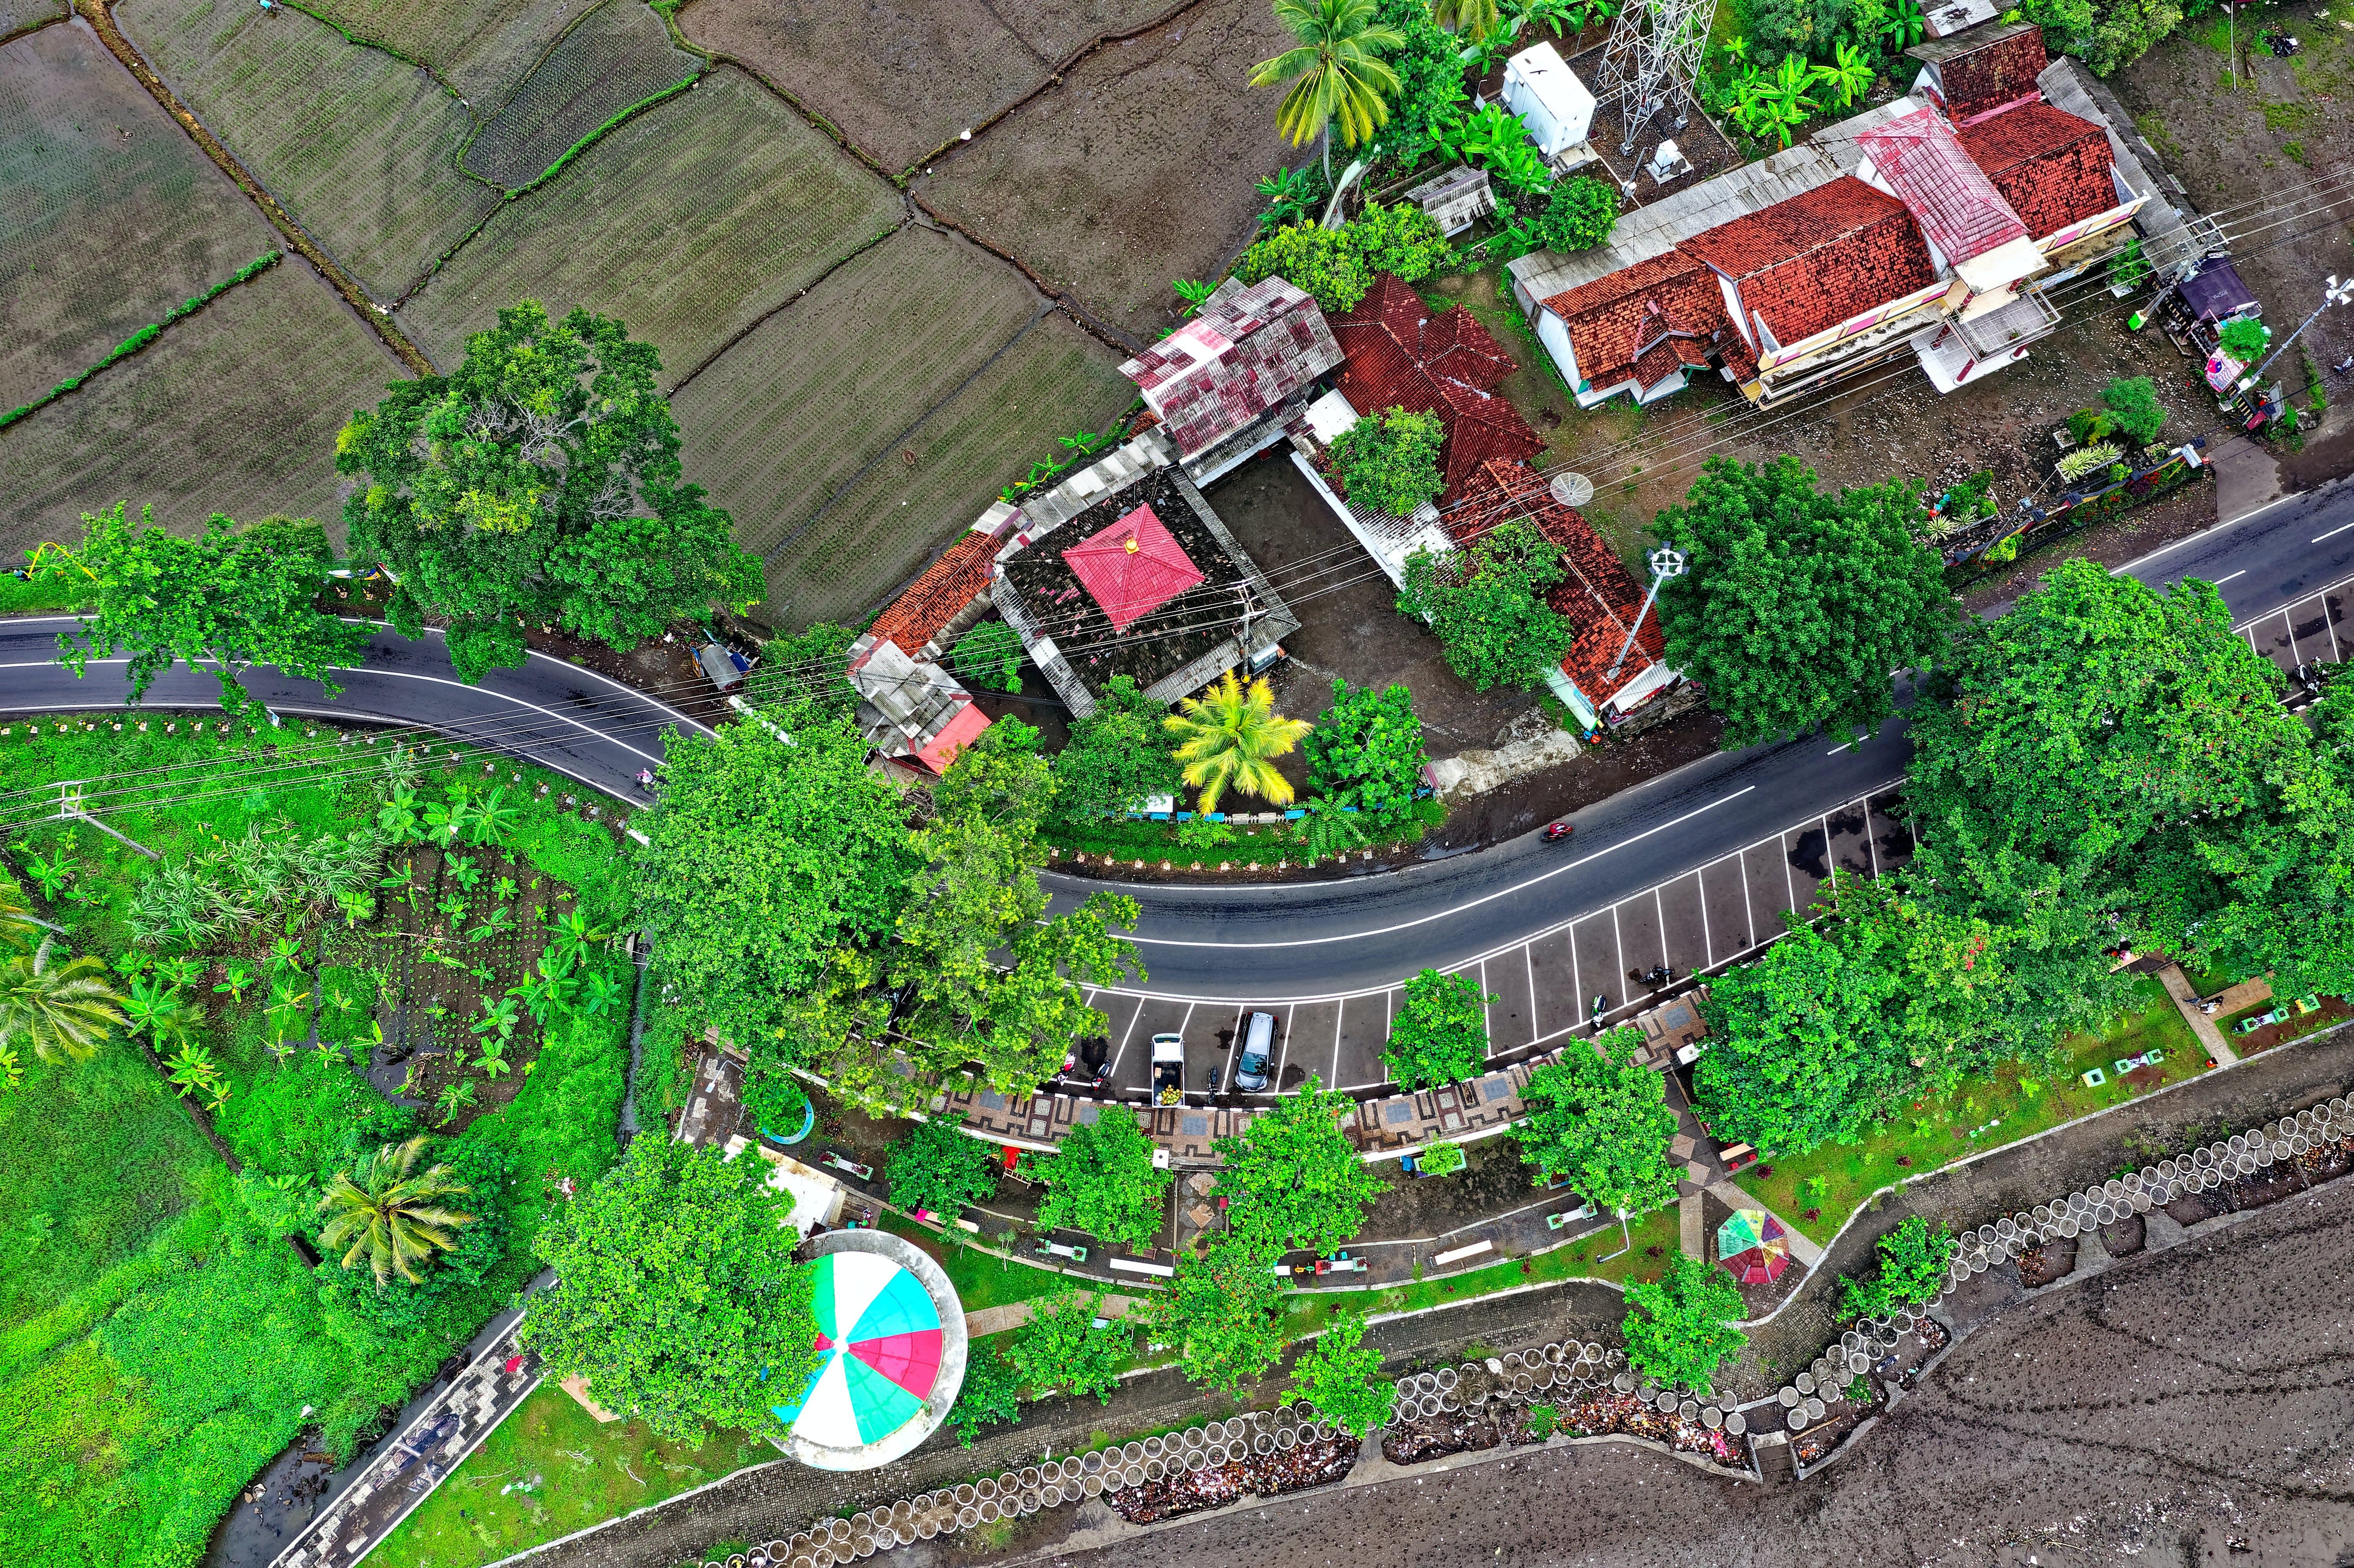 Δωρεάν στοκ φωτογραφιών με drone, αεροφωτογράφιση, ανάπτυξη, γήπεδο